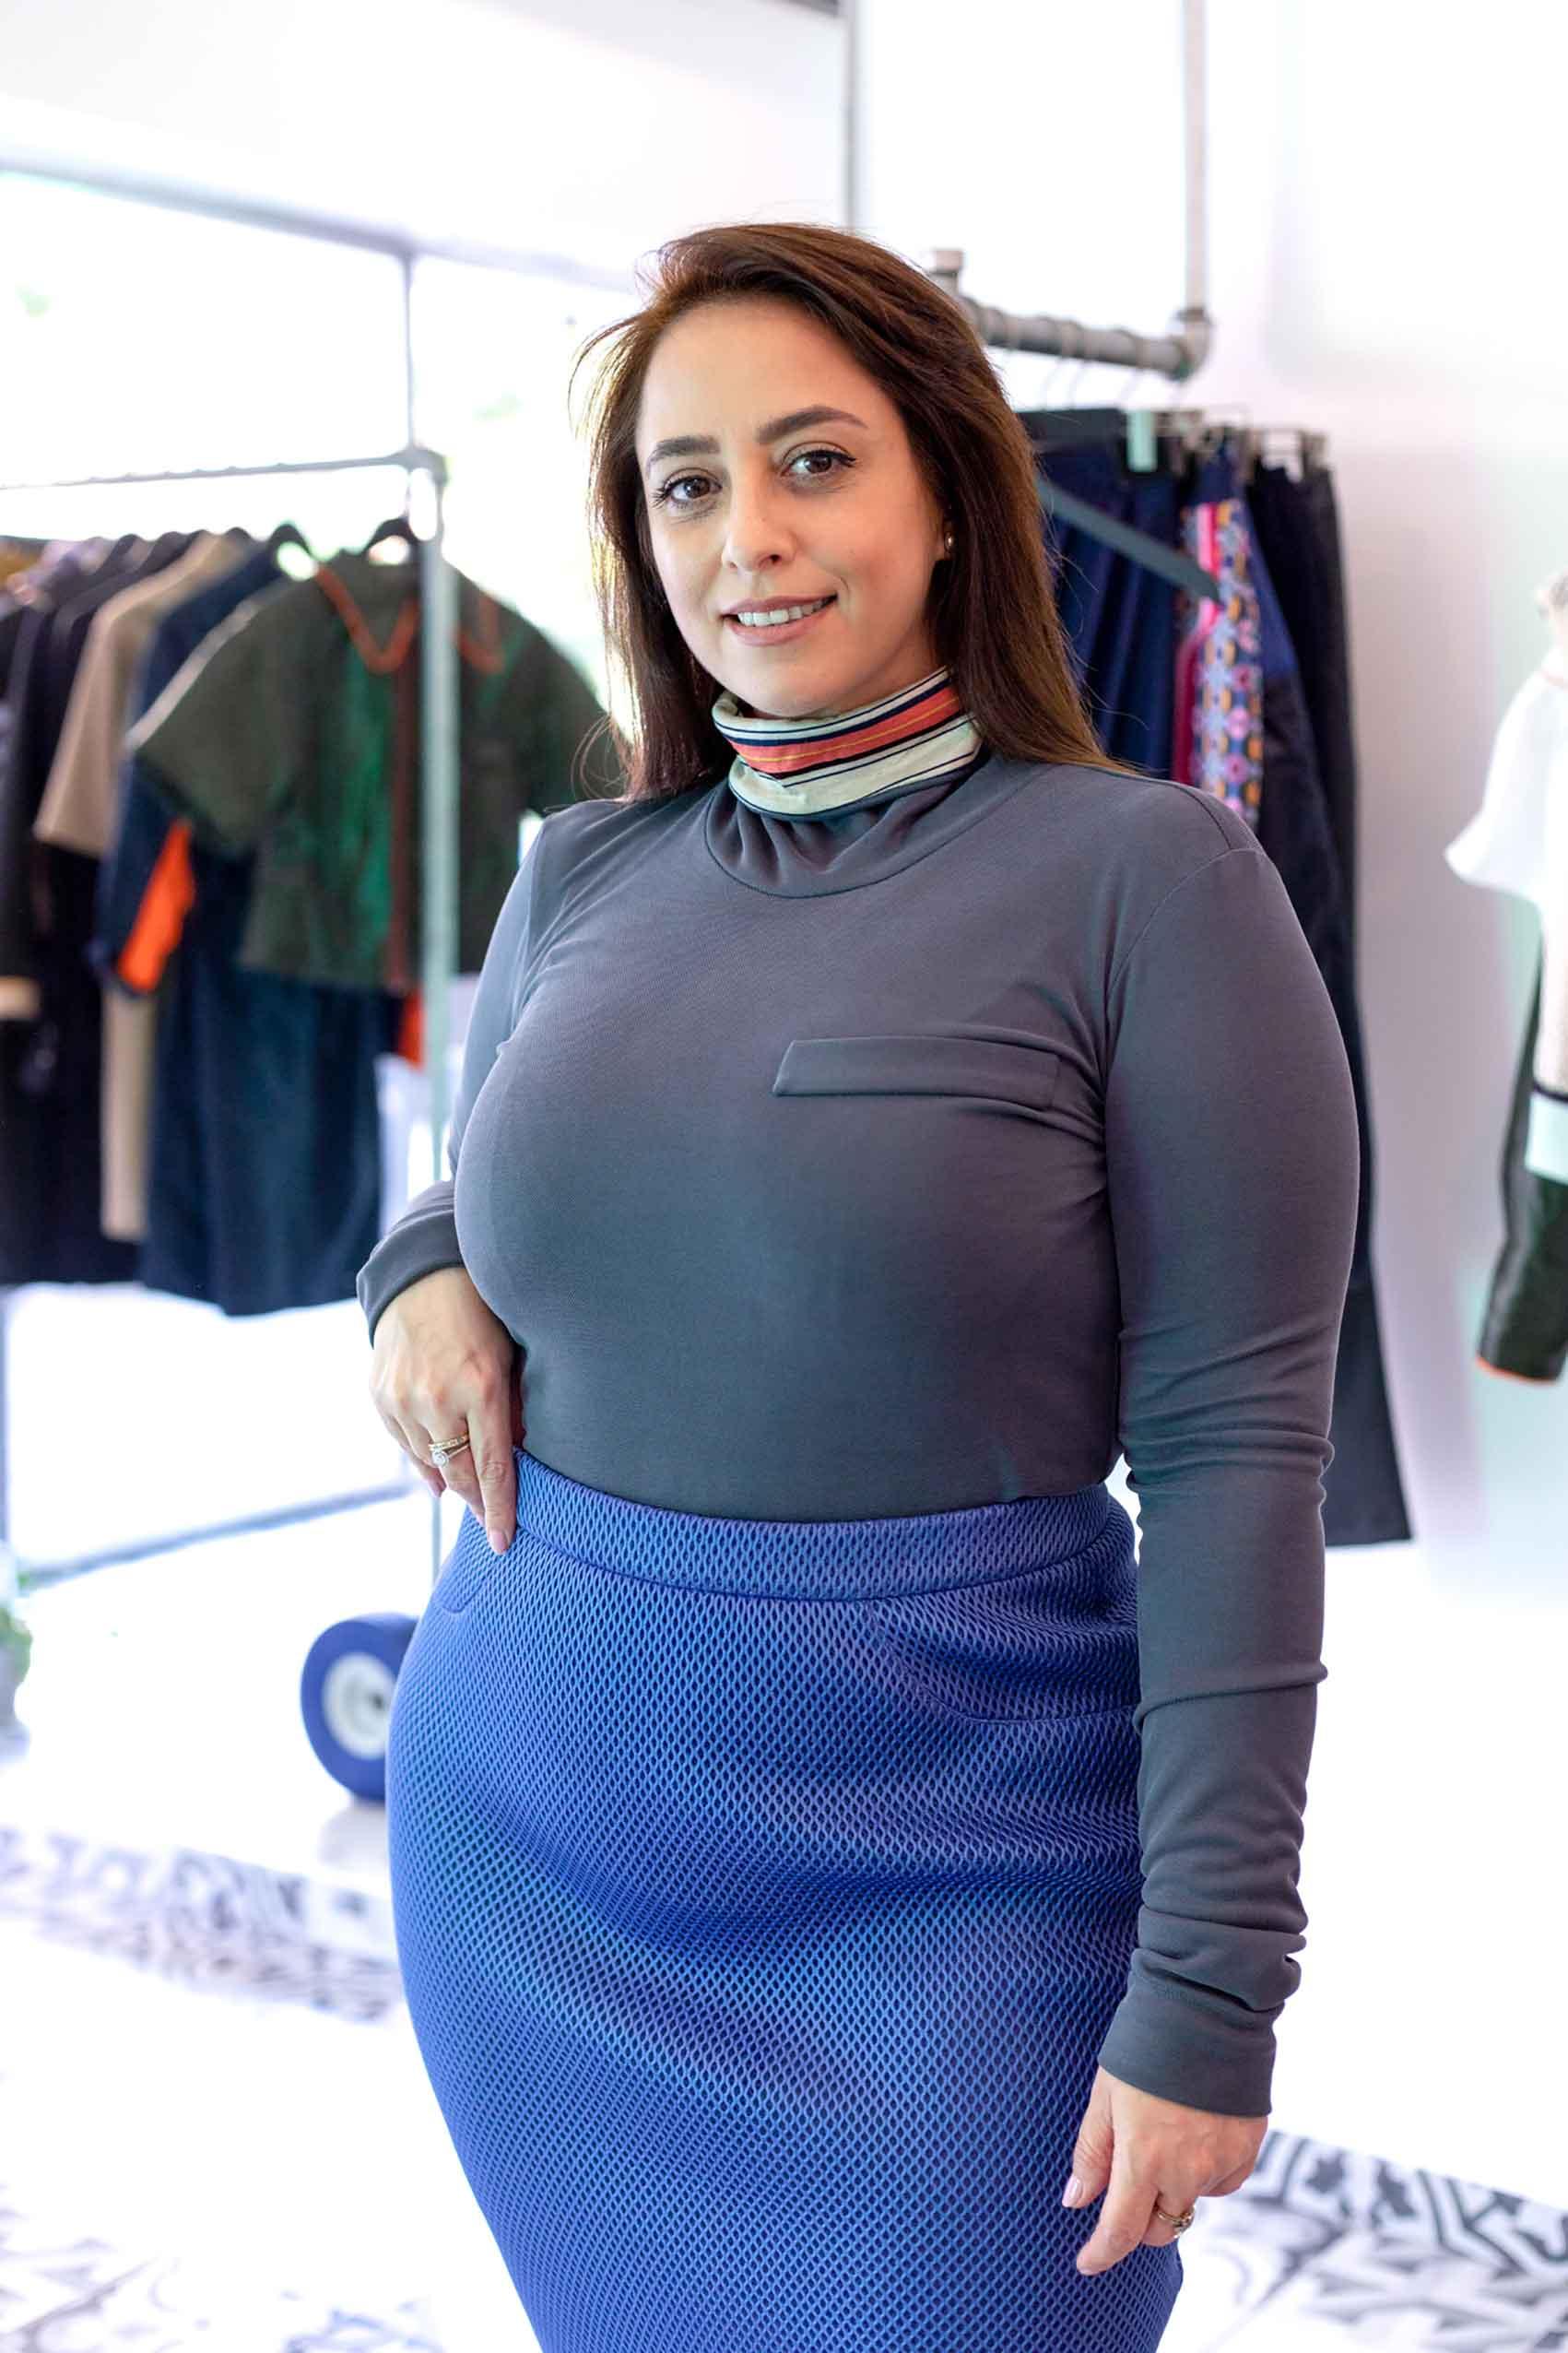 אלישע-אברגיל-טלי-ארבל-אופנה-ישראלית